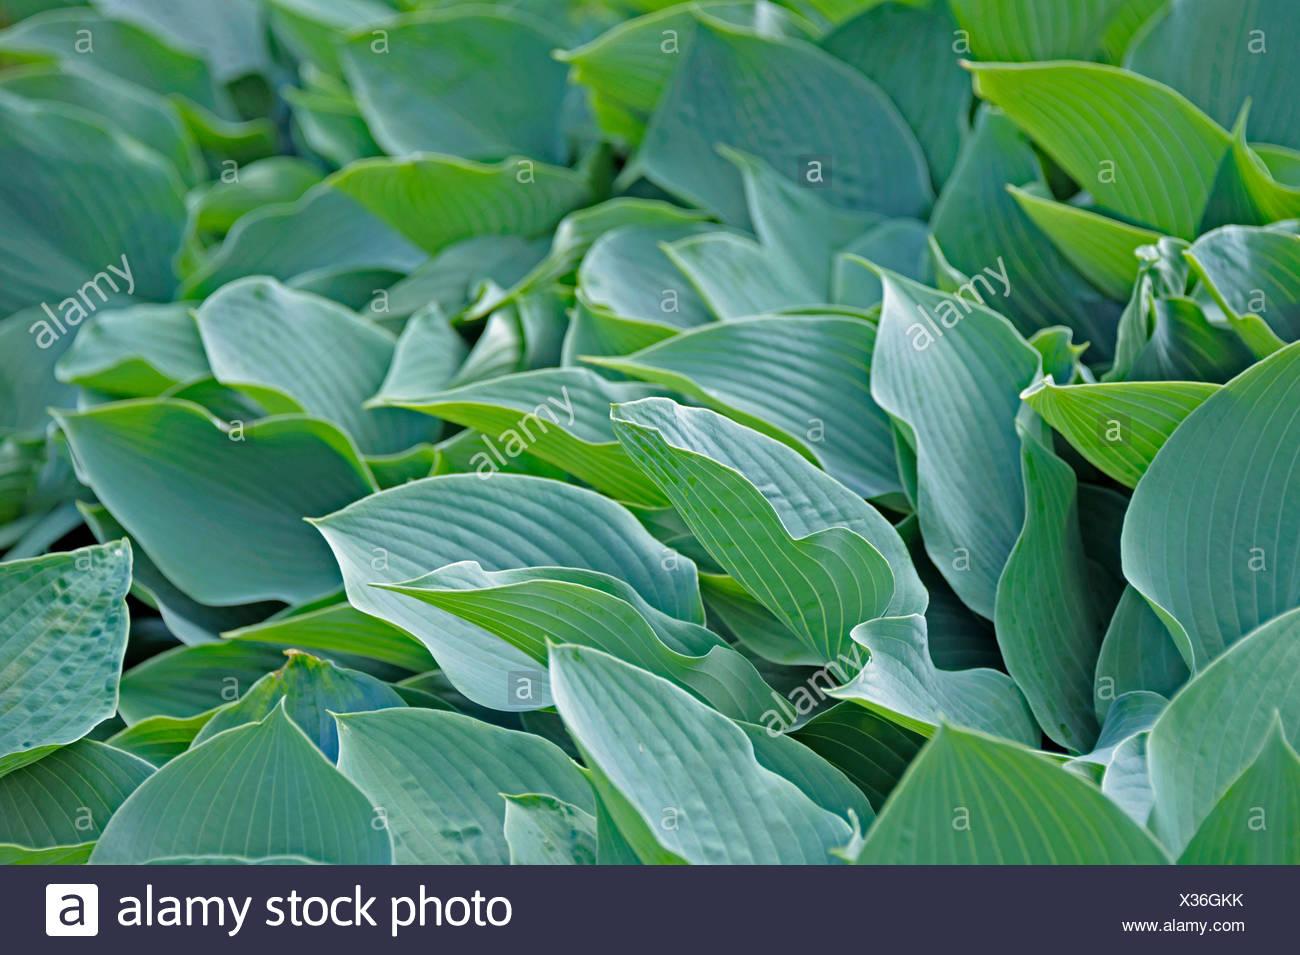 Plantain lily (Hosta 'Krossa Regal', Krossa Regal), leaves of cultivar Krossa Regal - Stock Image